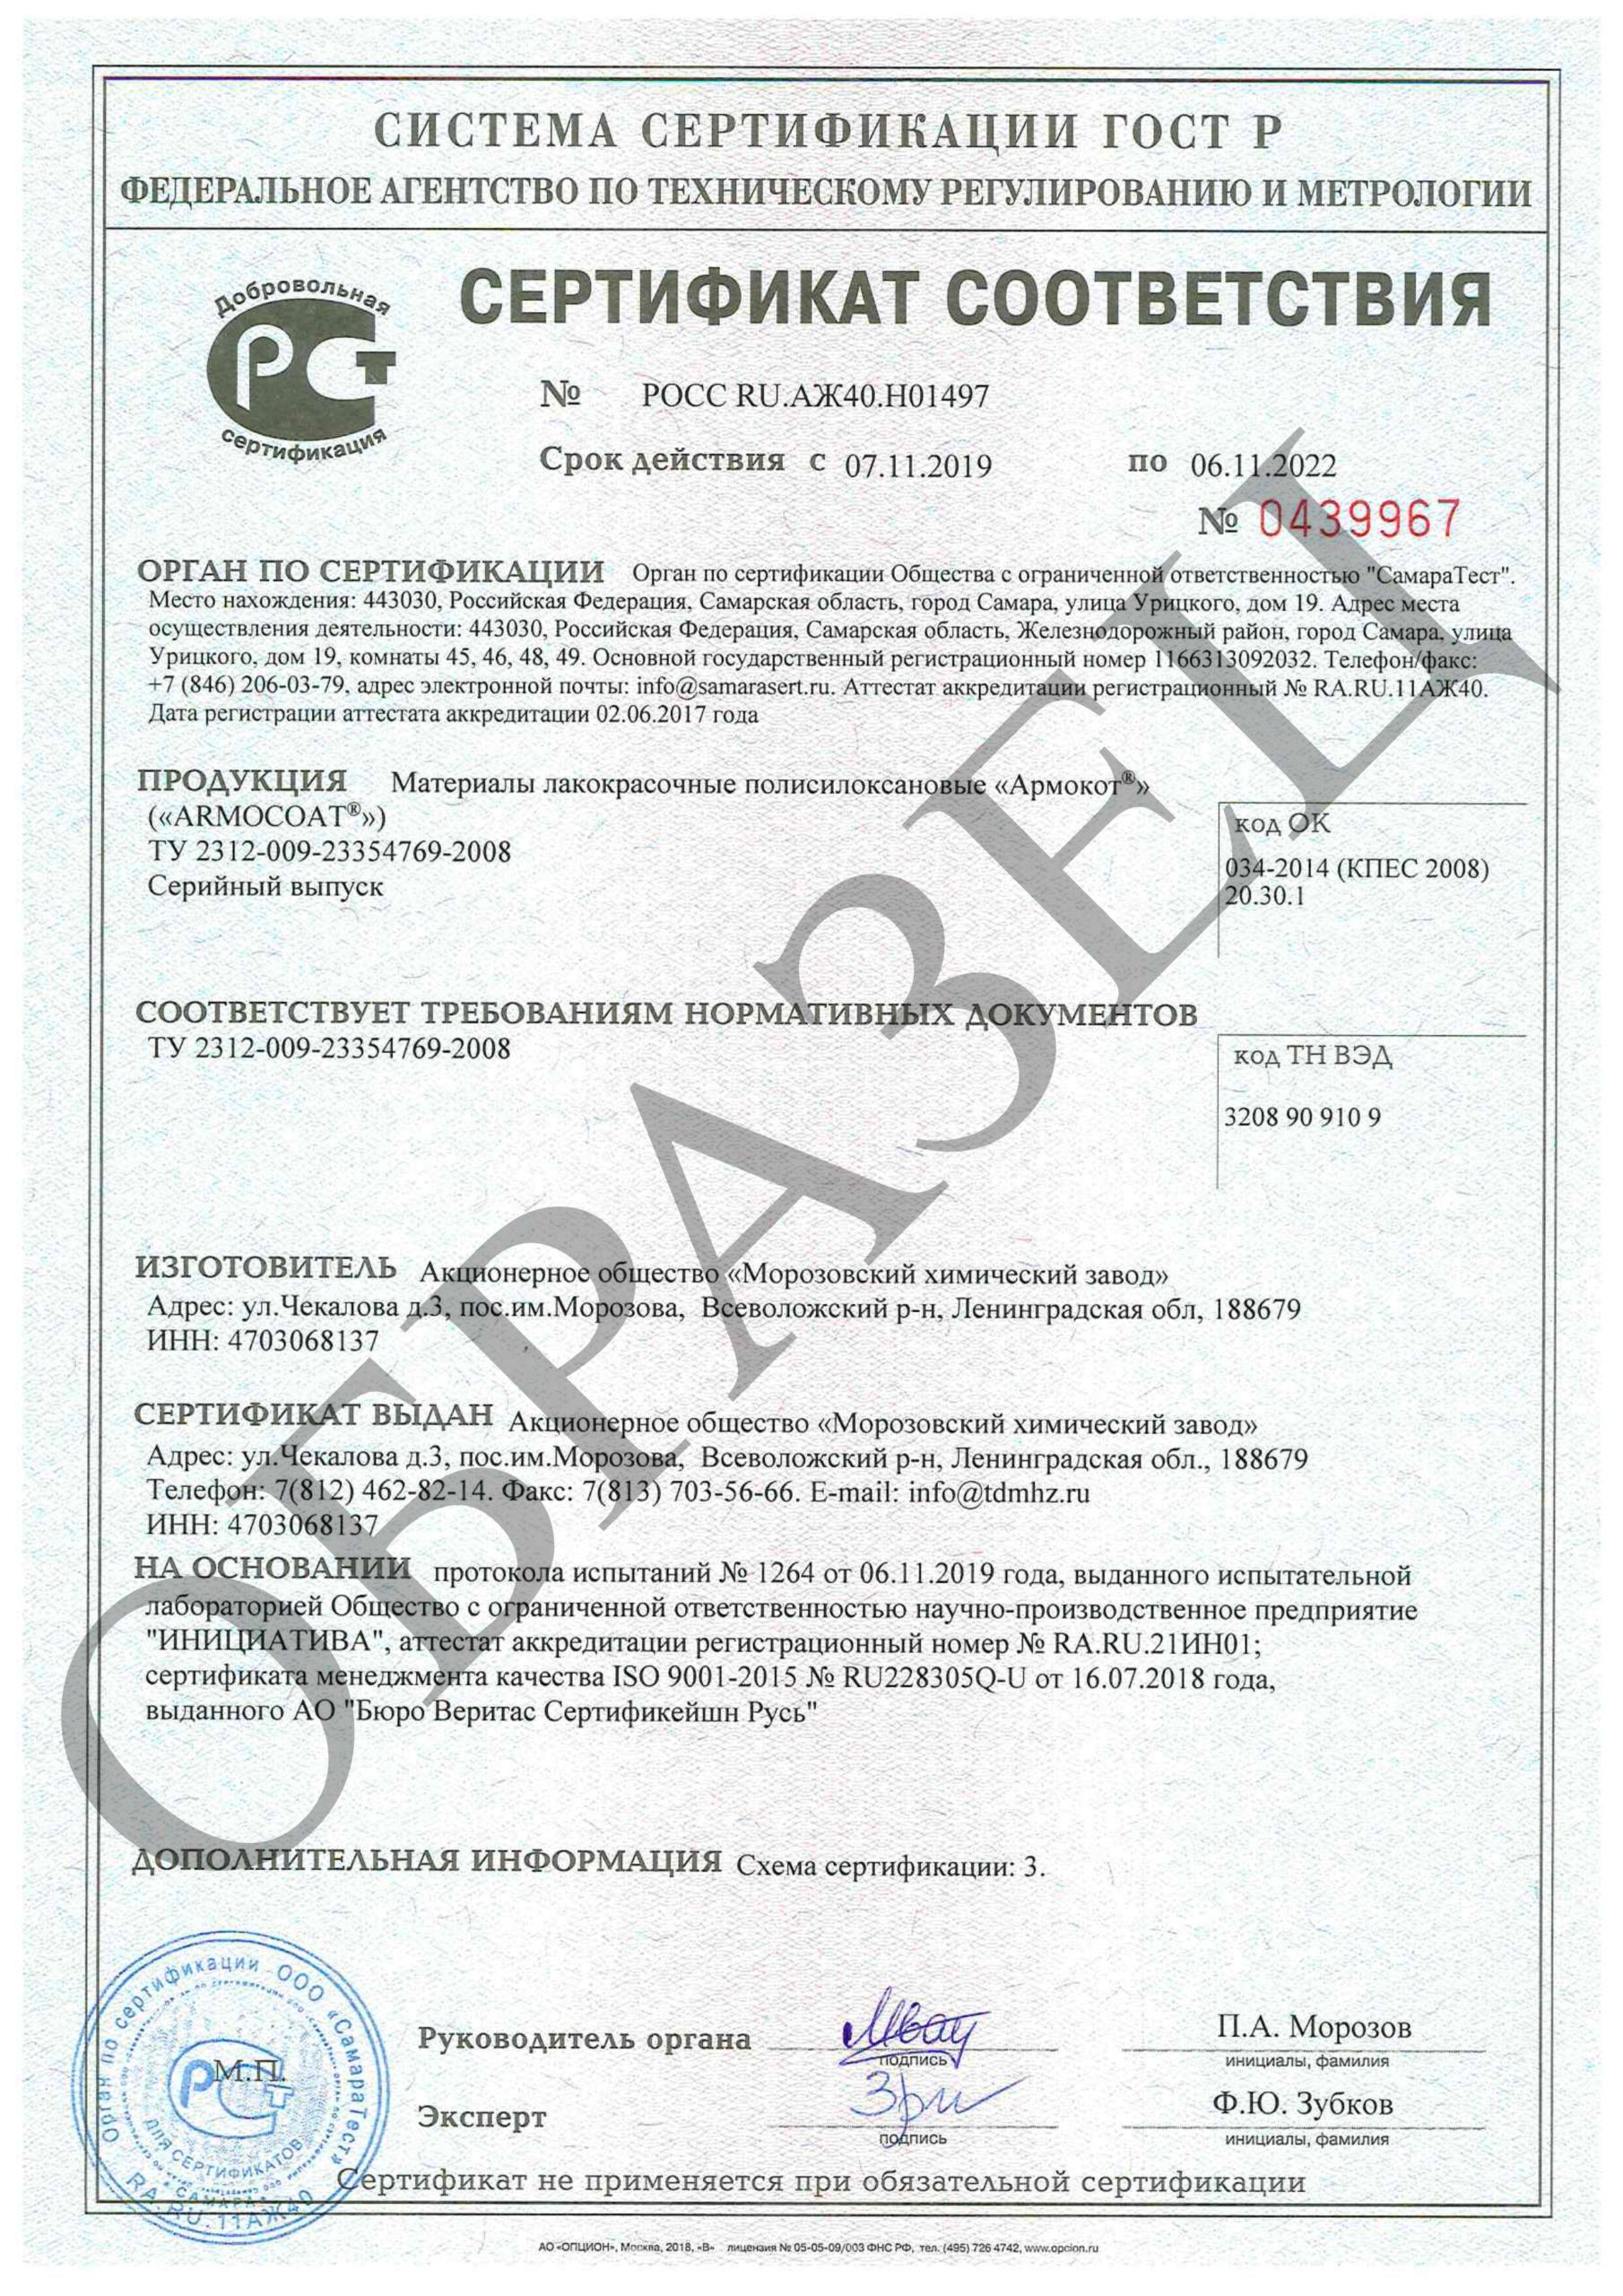 Сертификат ГОСТ-Р на материалы Армокот F100 C101 V500